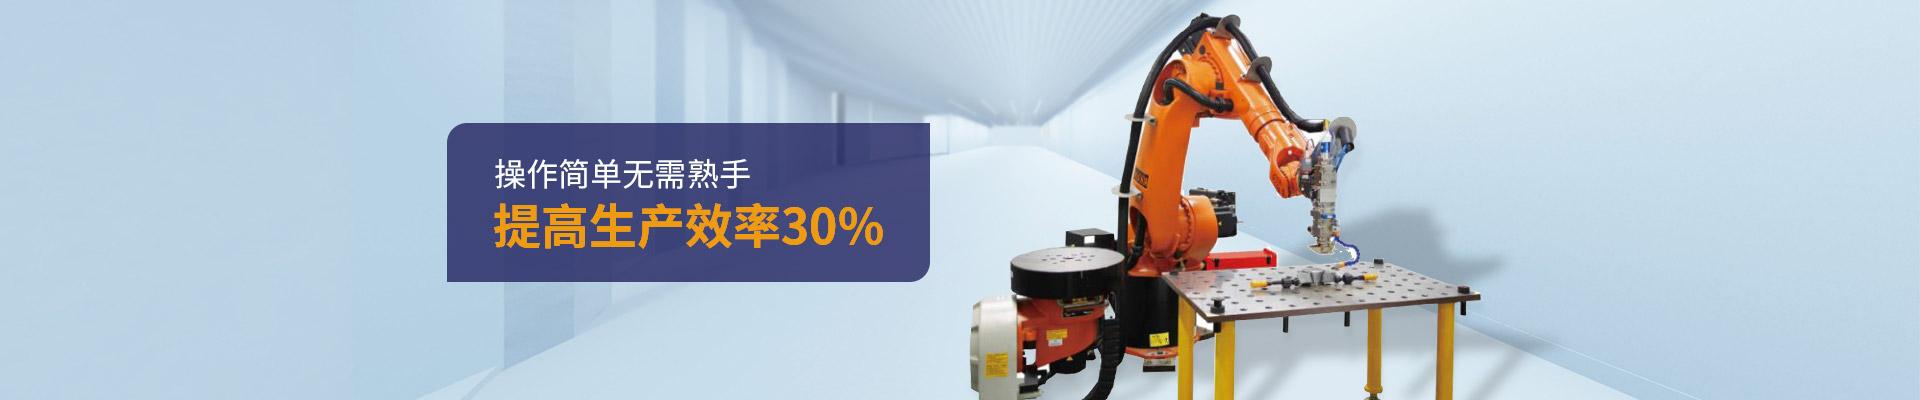 普电-操作简单无需熟手,提高生产效率30%